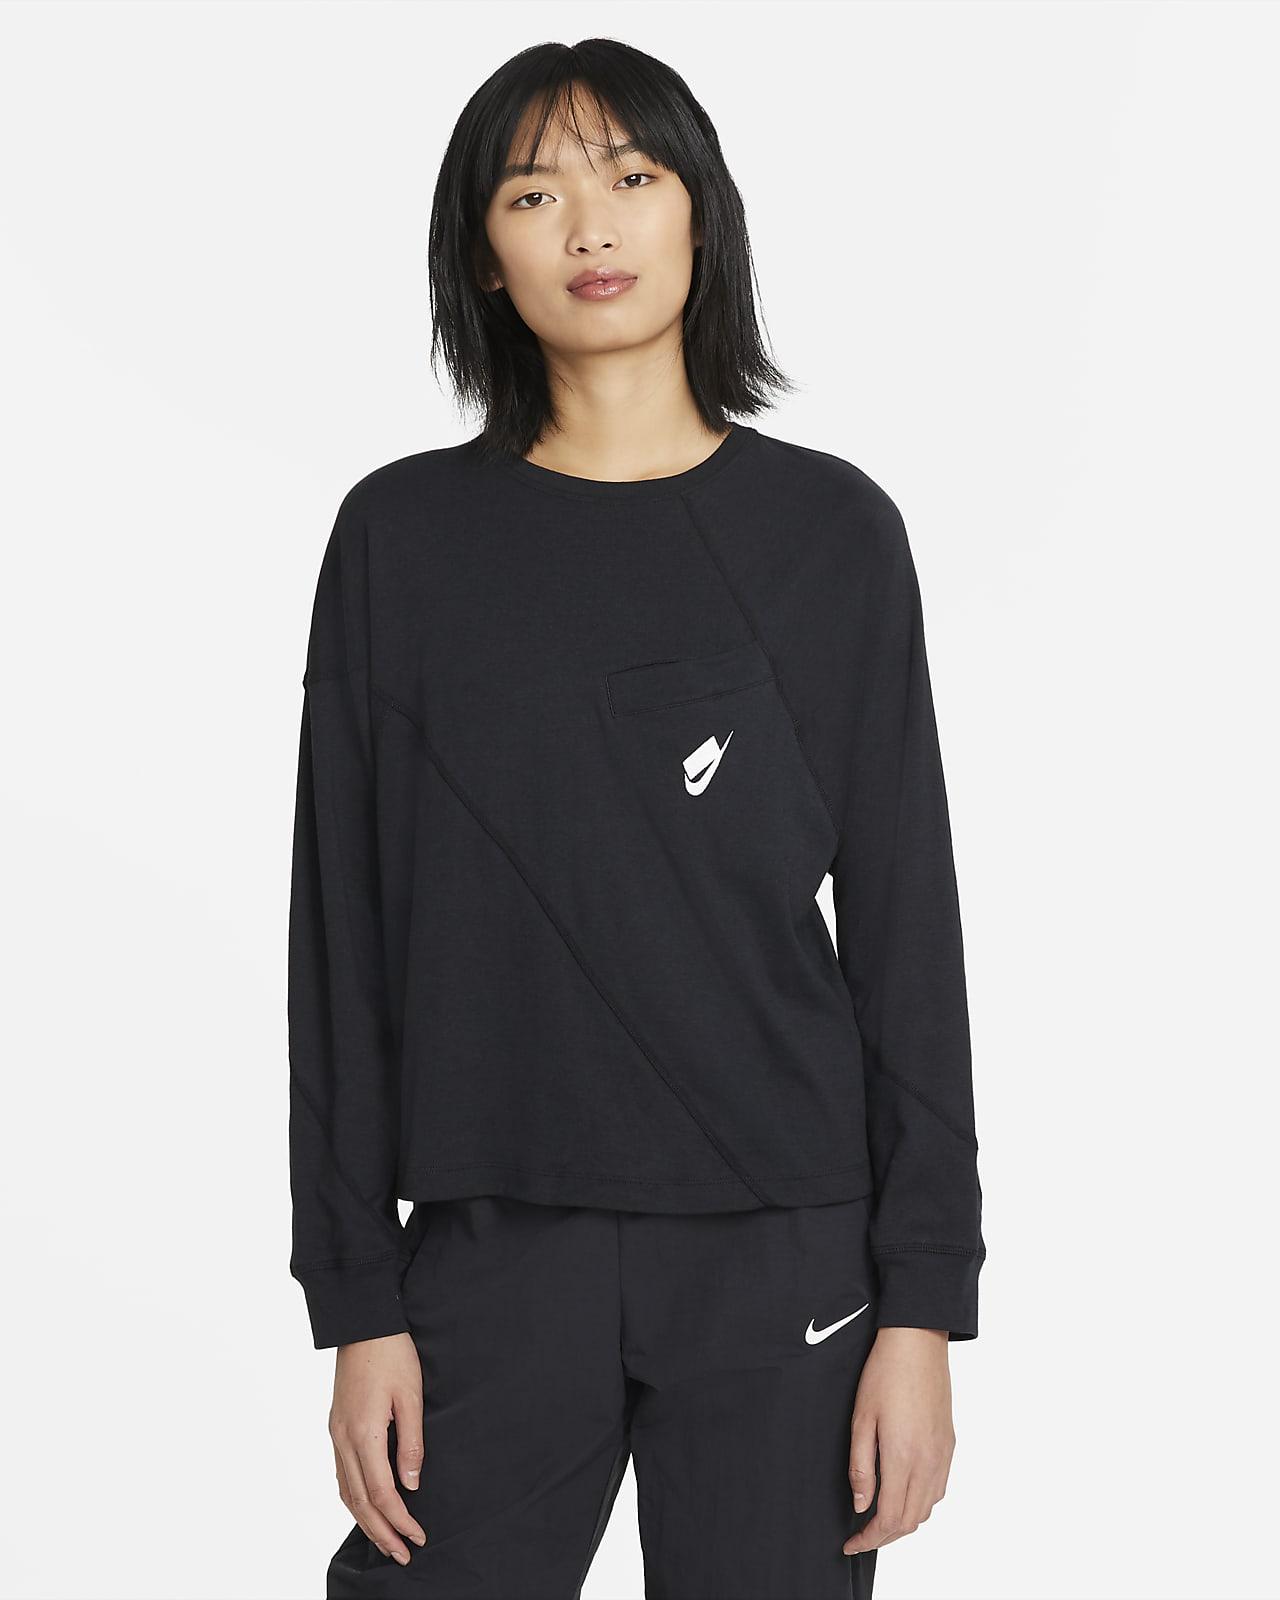 Nike Sportswear NSW Women's Long-Sleeve Top